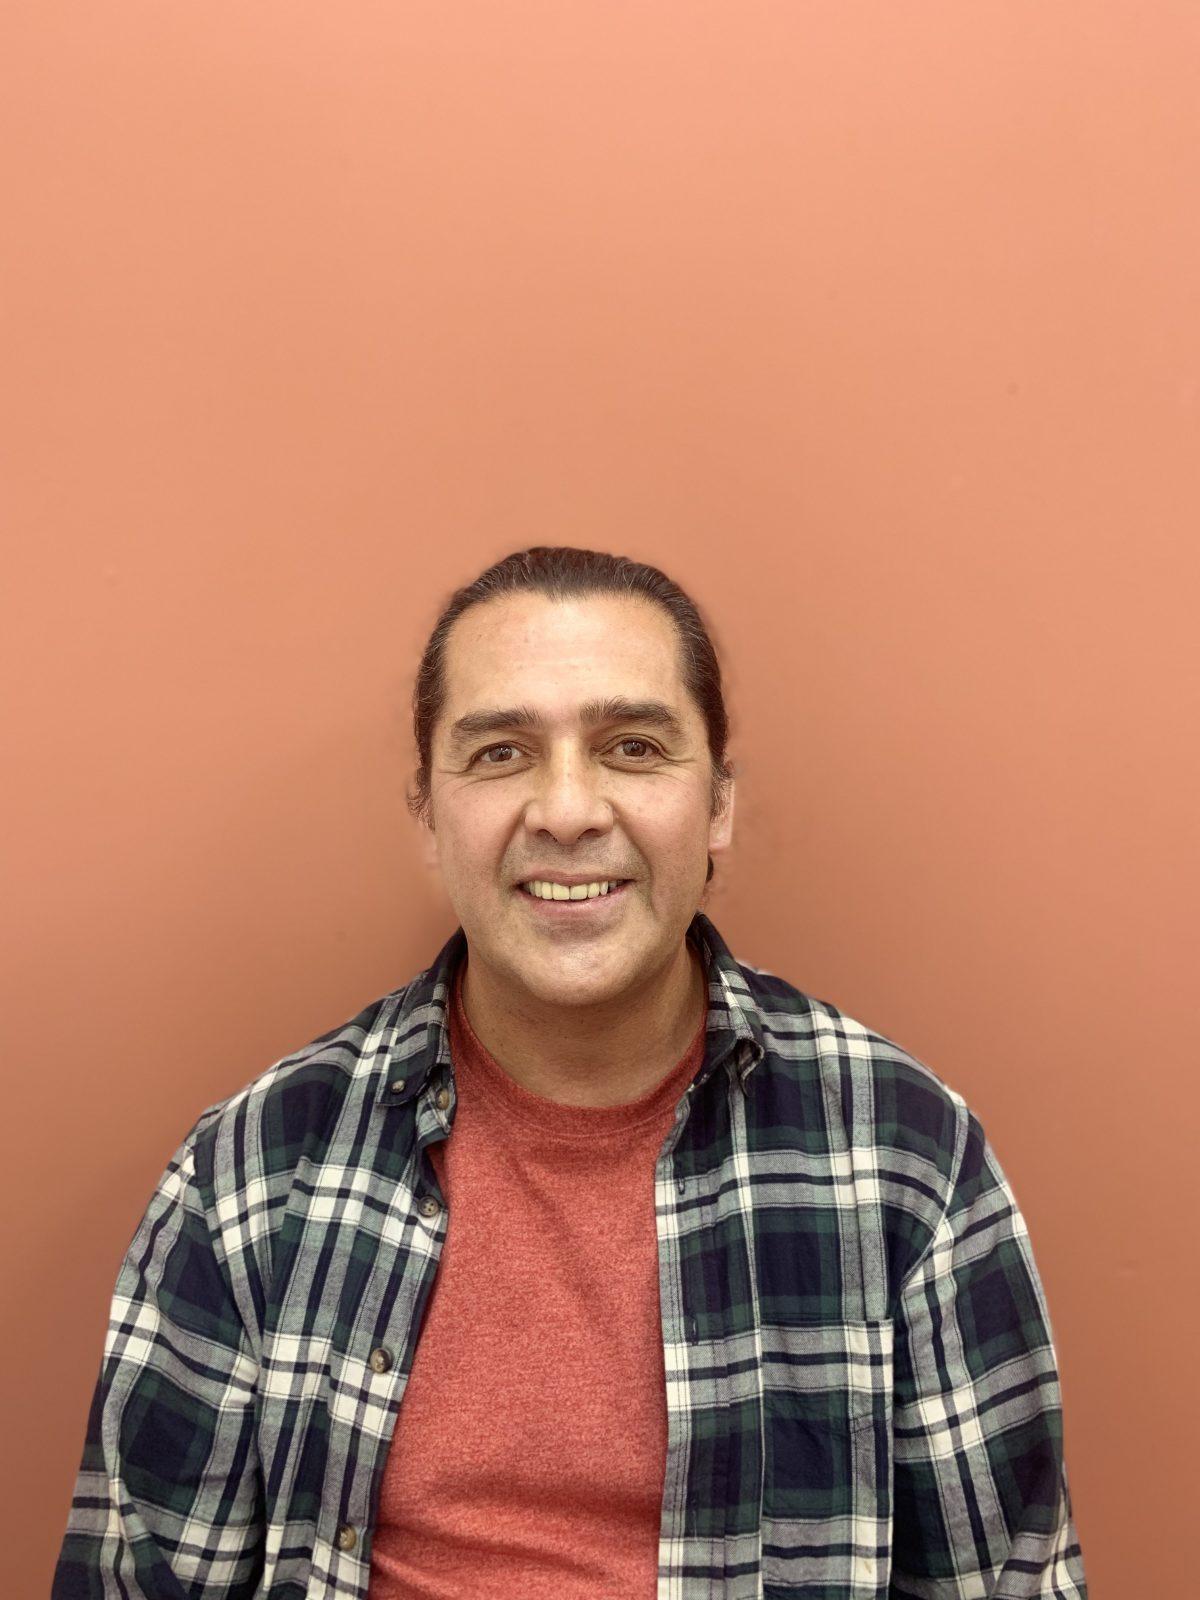 Marco Vinicio Placencia Salcedo